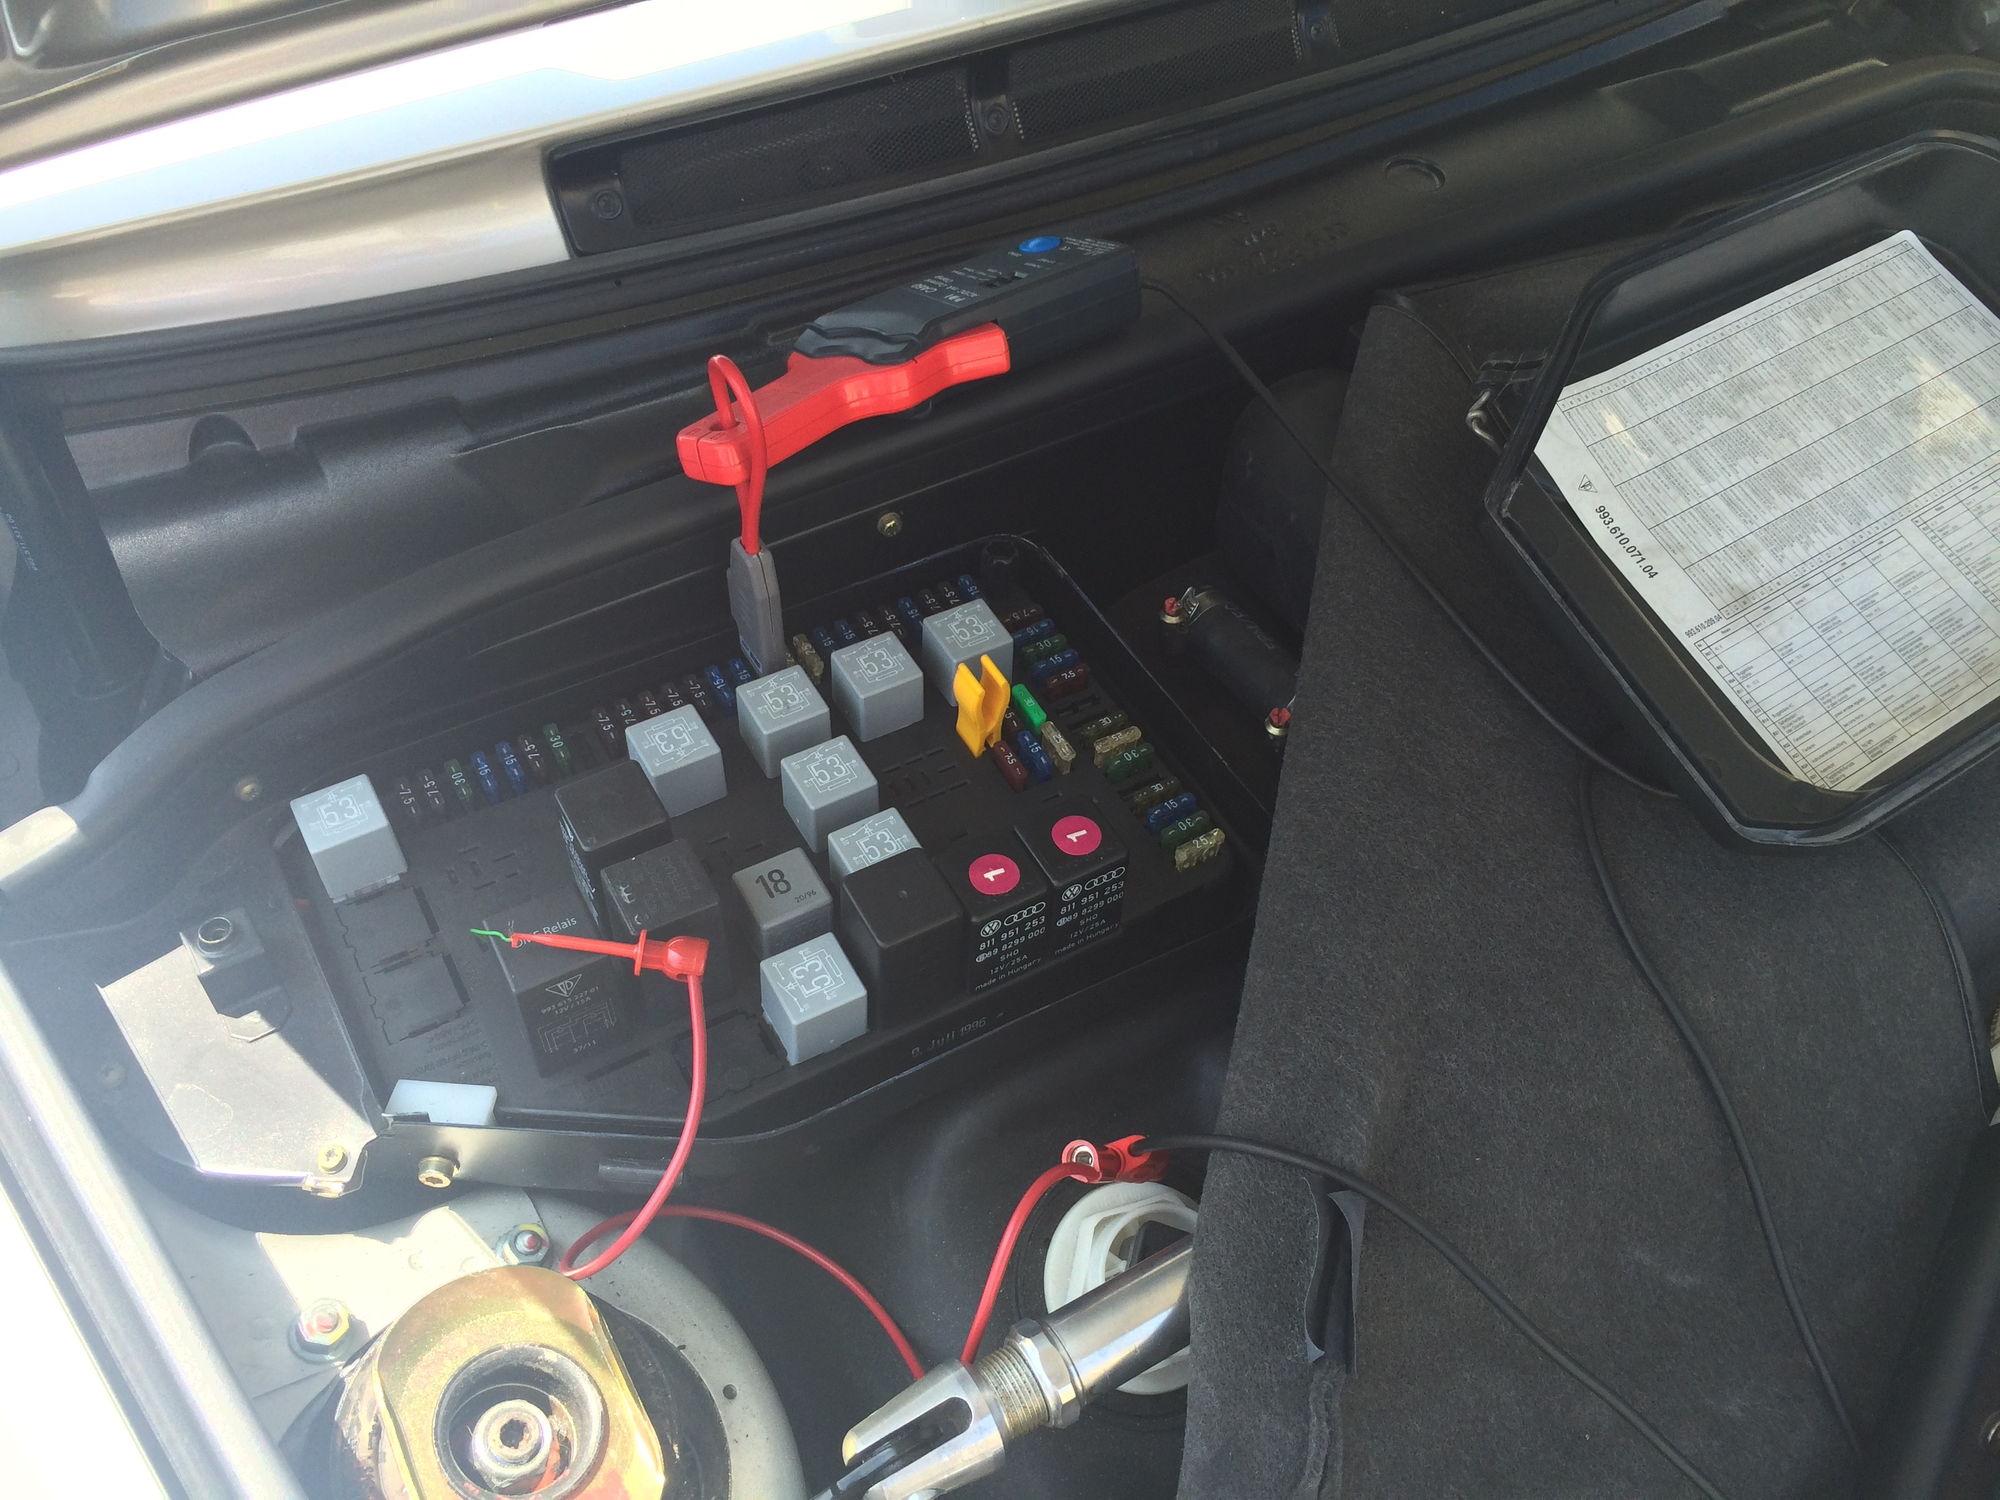 volvo d13 fuse box volvo wirning diagrams 96 993 fuse box what is this wire  rennlist porsche on porsche fuse fuel system testing rennlist porsche  discussion